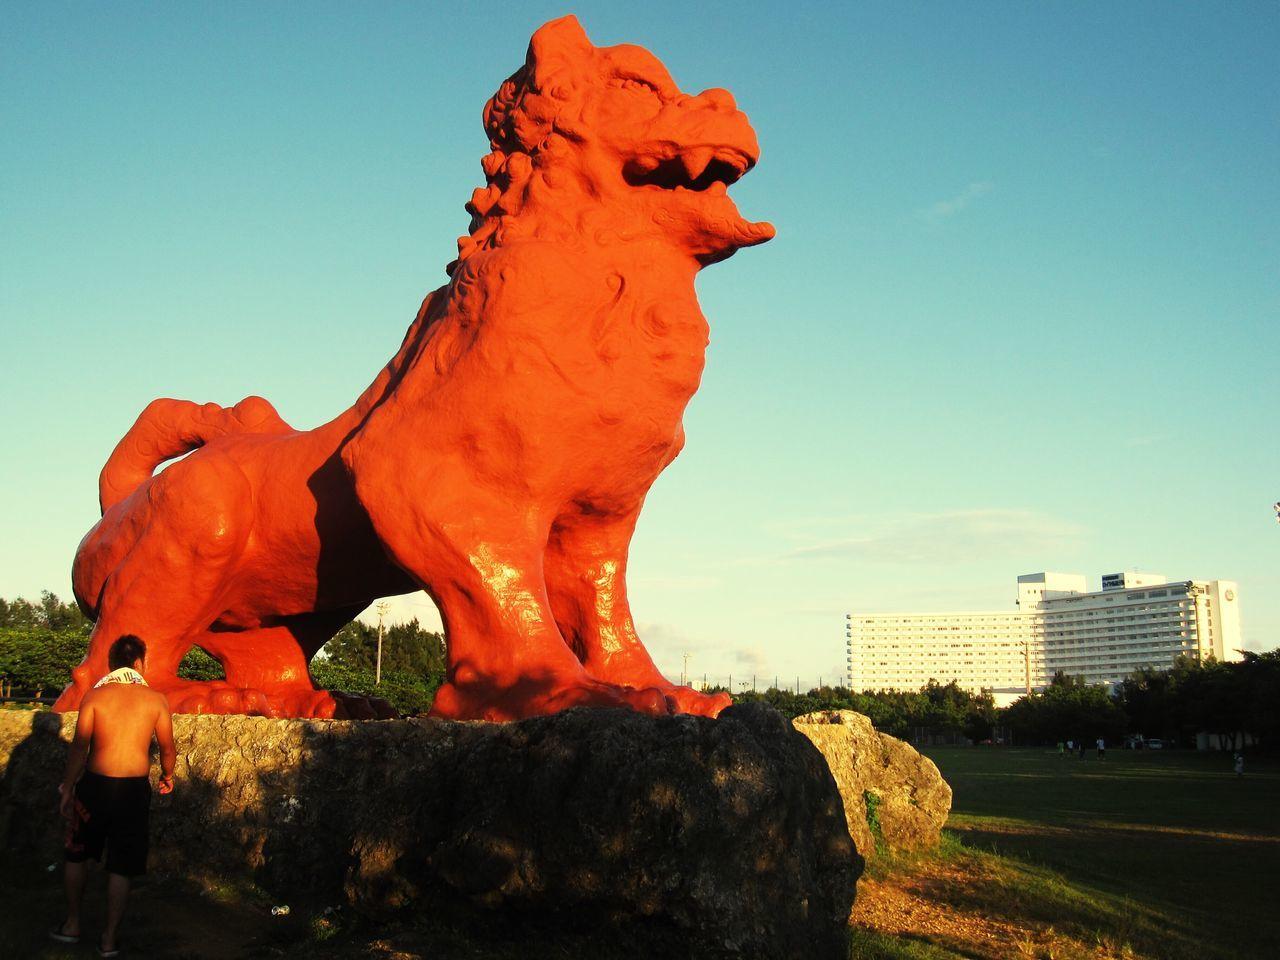 沖縄 残波岬 シーサー 日本 Japan Animal Representation Statue Sculpture Outdoors Clear Sky Nature Day Sky Built Structure Architecture Beauty In Nature Building Exterior どデカイ!!シーサー